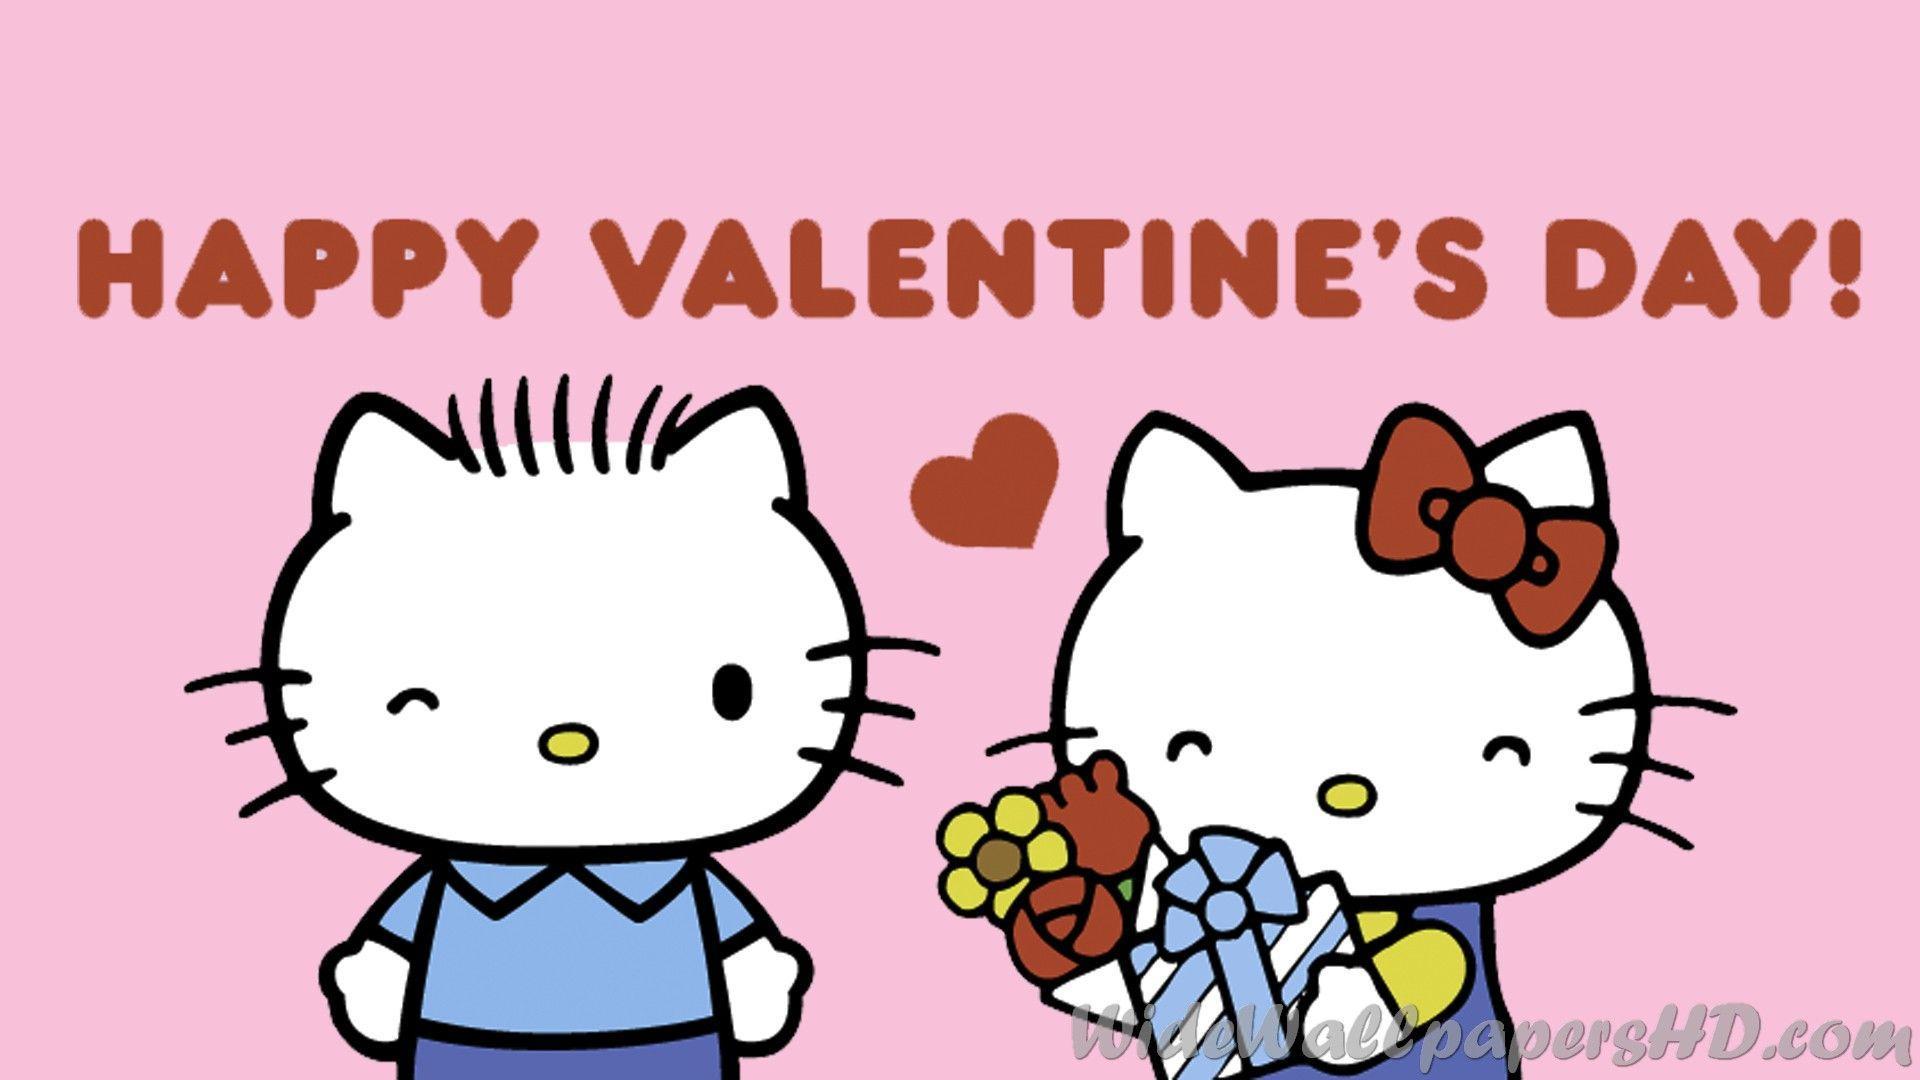 Schön Hello Kitty Valentines Day | Best Wallpapers